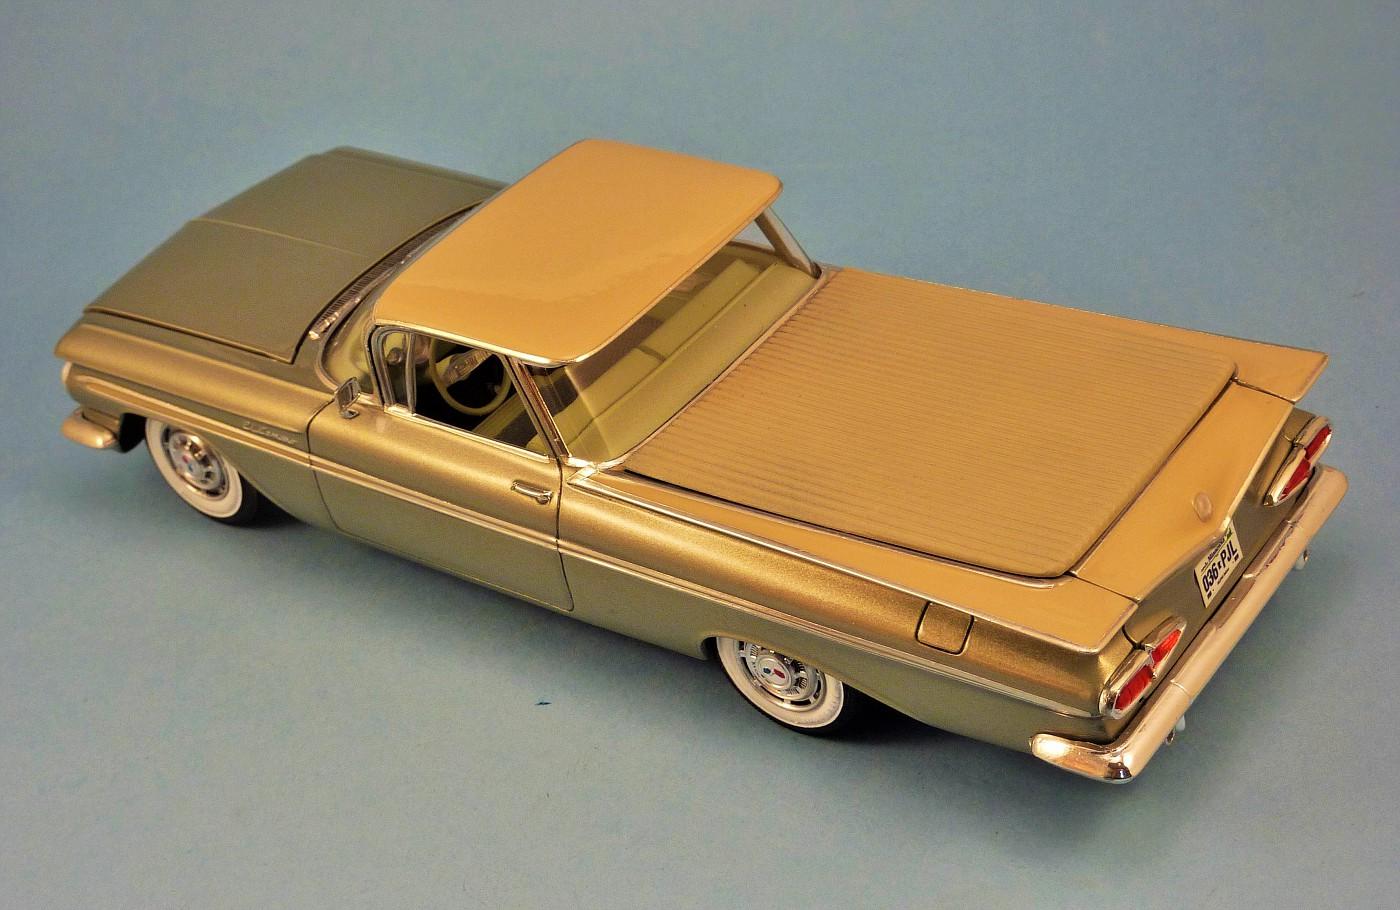 restauration Chevy EL camino 59  P12900942-vi